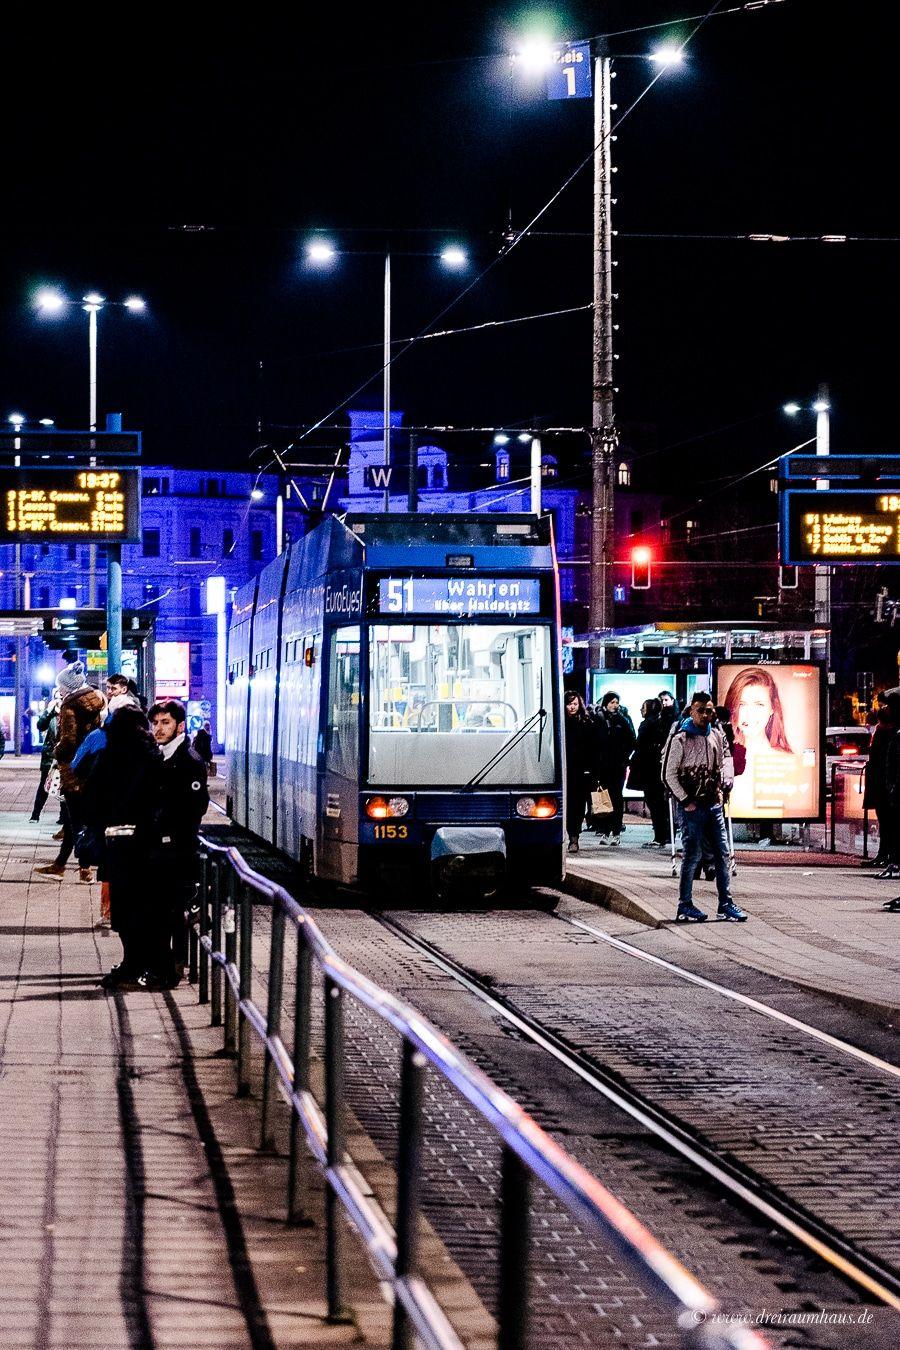 Welche Vorteile hat ein Leben ohne Führerschein und warum mir Leipzig das Leben ohne Auto richtig einfach macht! Das ABO Flex Ticket der LVB - Leipziger Verkehrsbetriebe!